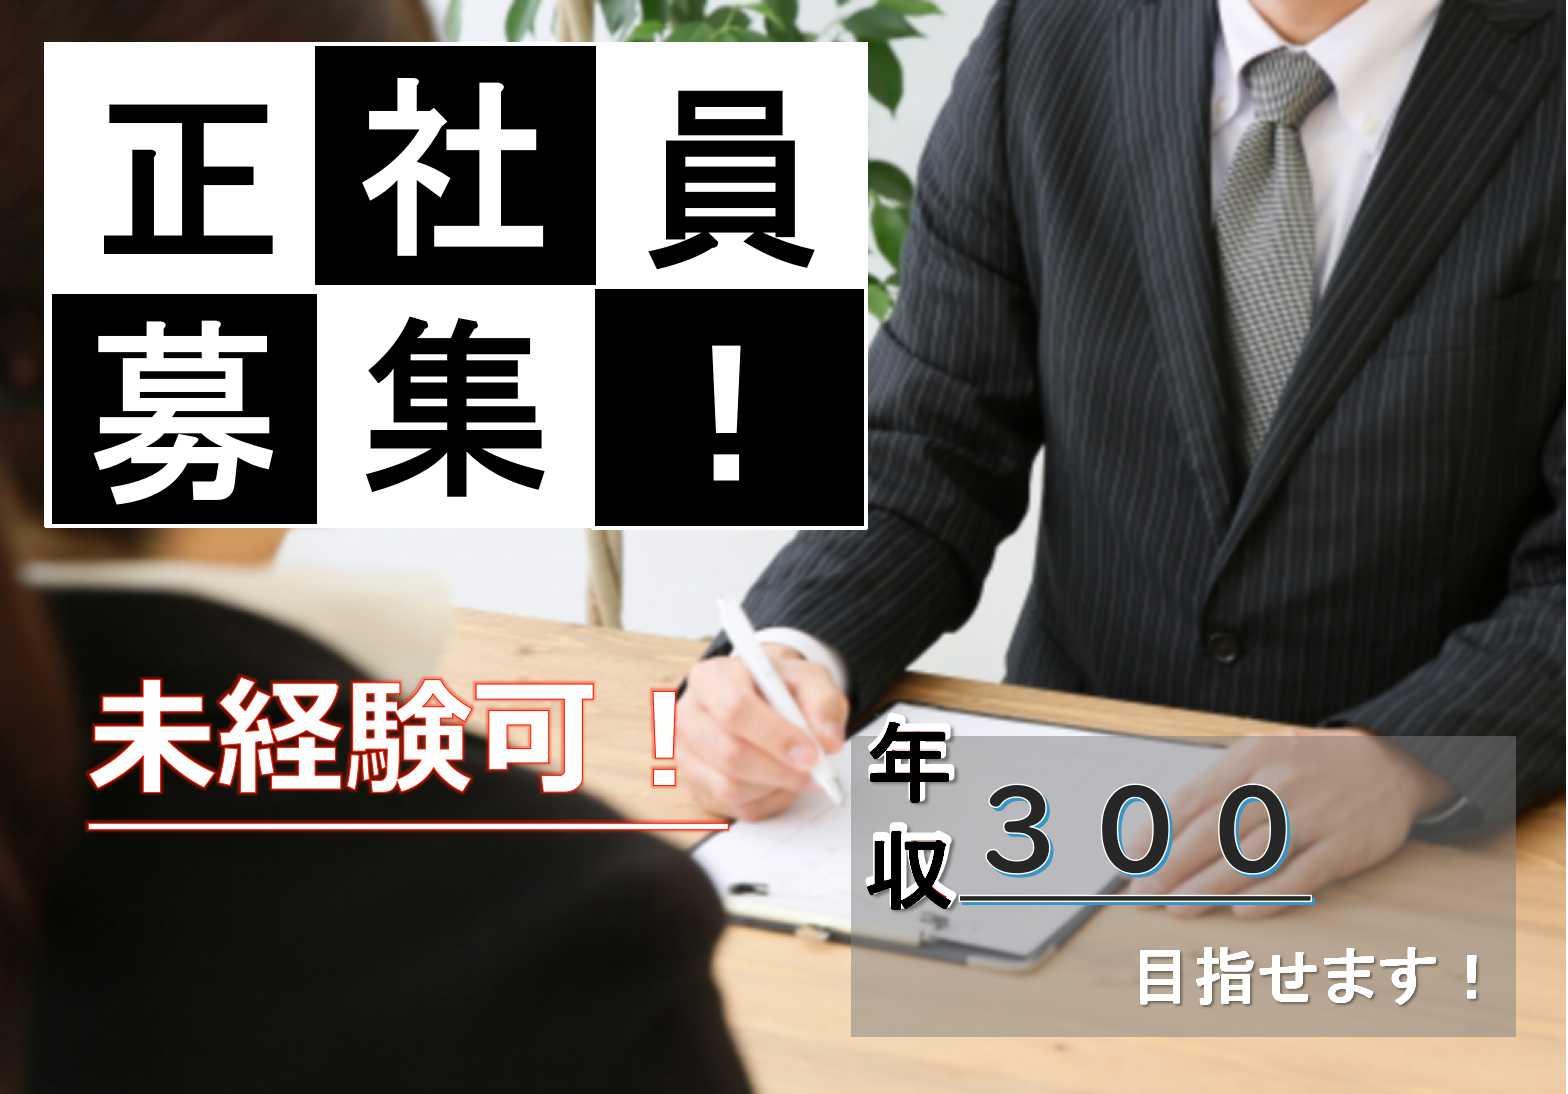 【急募】マネジメントのコツが学べる♪未経験歓迎!店舗運営スタッフ イメージ